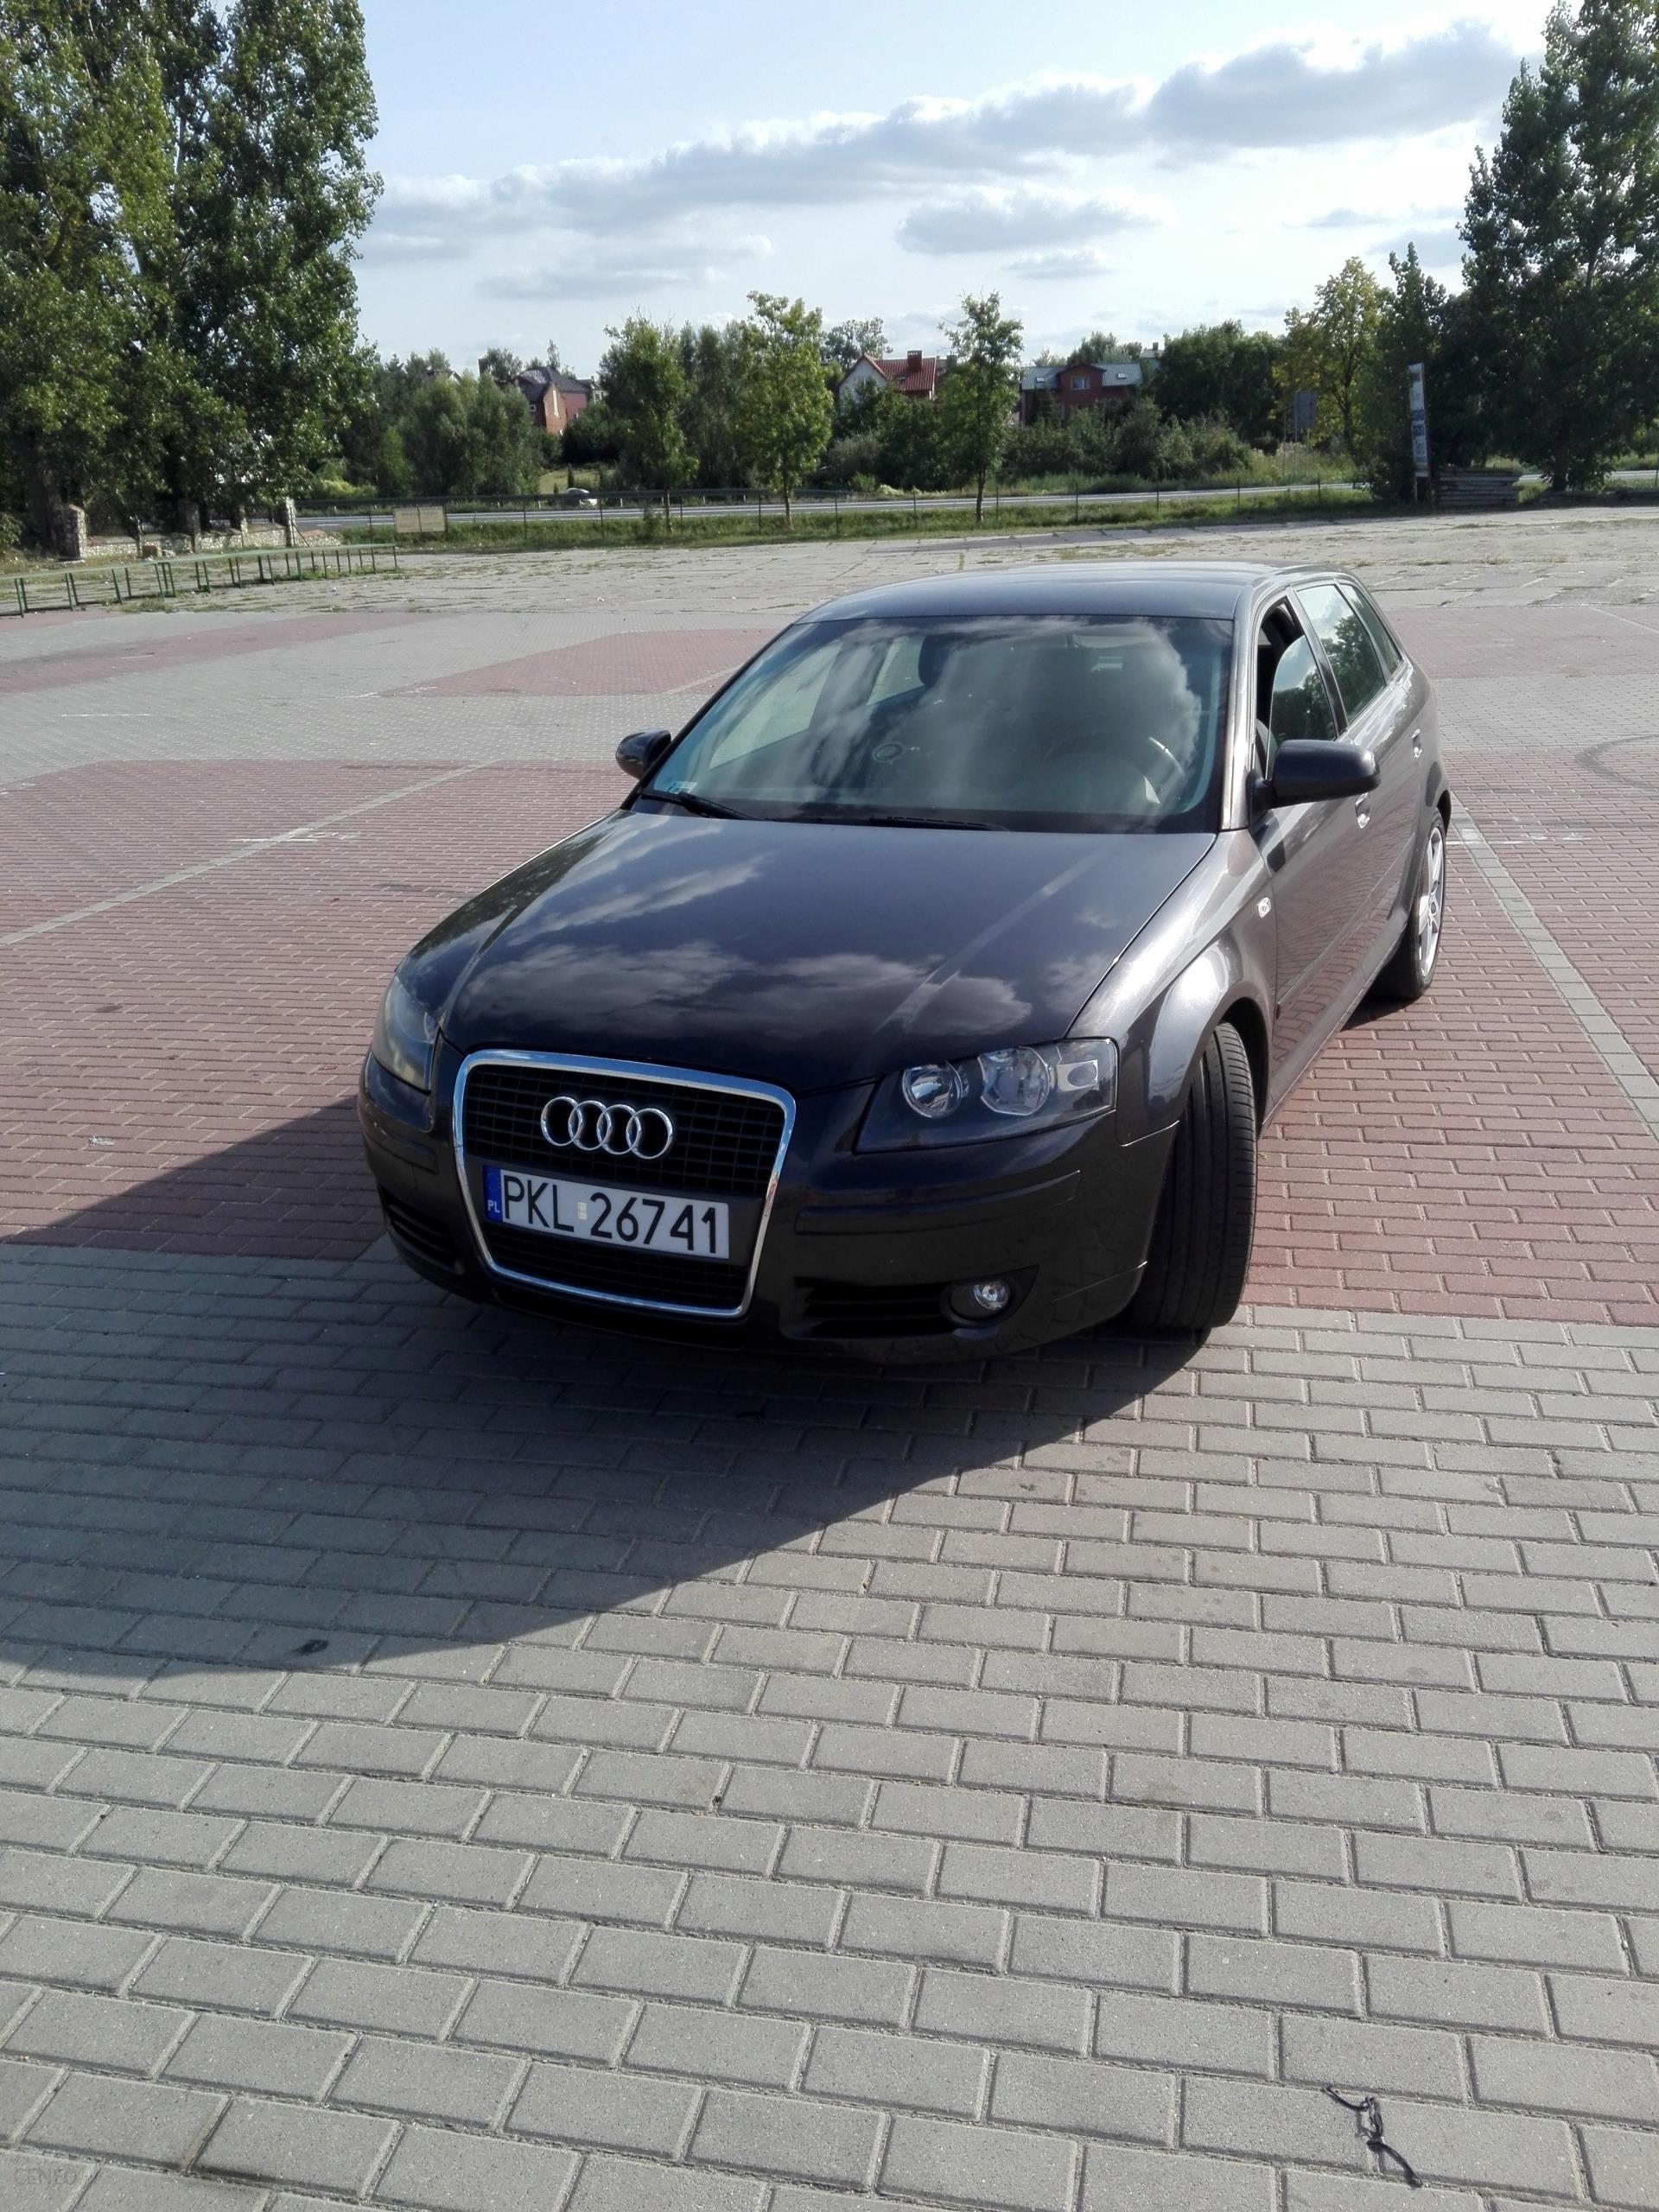 Sprzedam Audi A3 8p Sportback 20 Tdi Zarejestrowa Opinie I Ceny